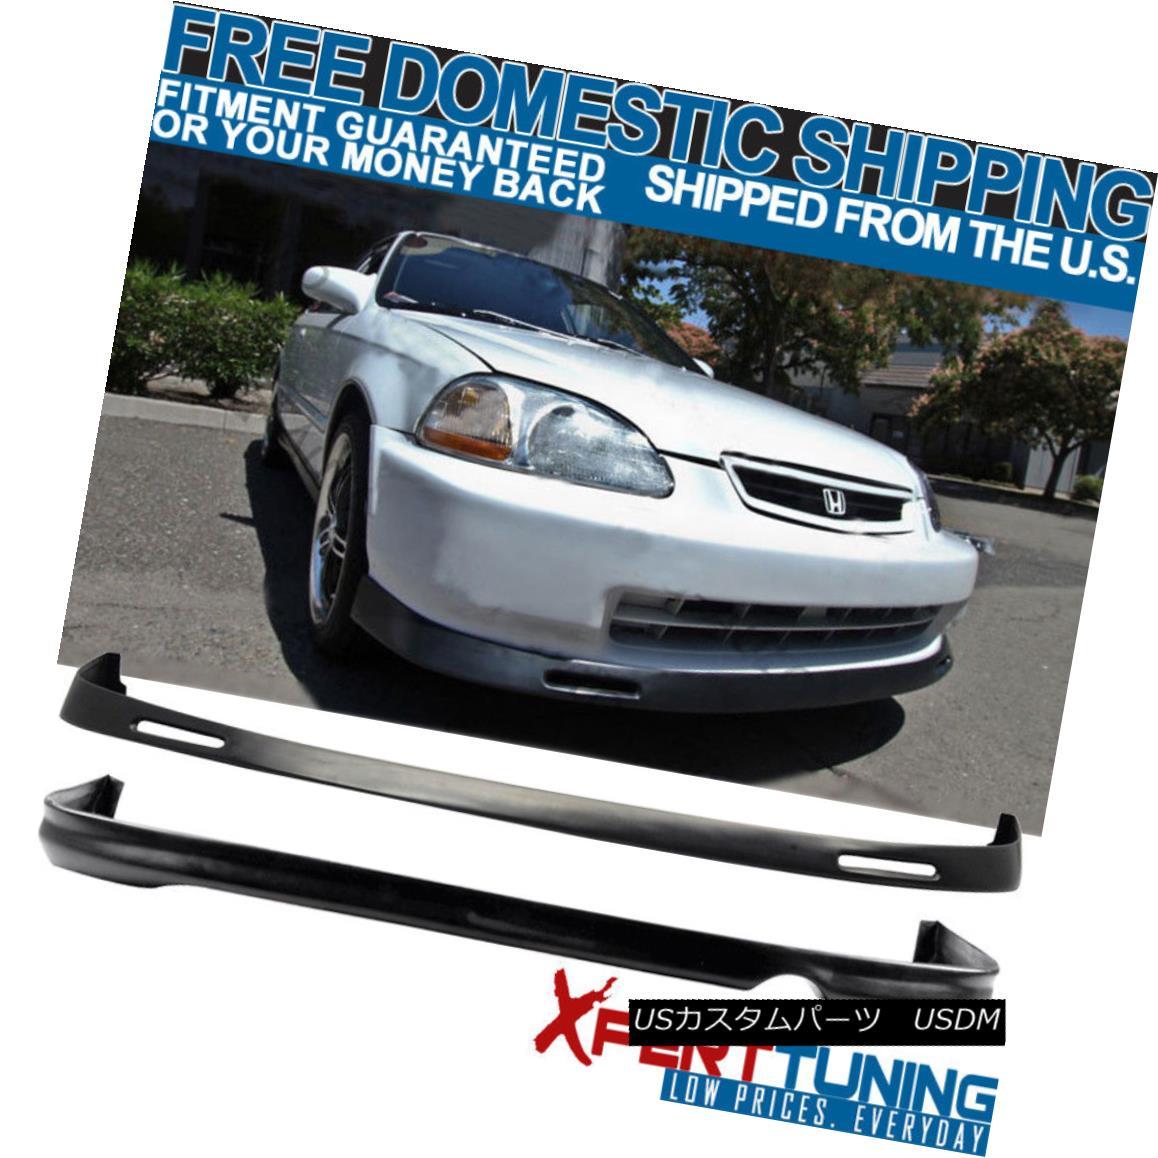 エアロパーツ Fits 96-98 Honda Civic BYS Style Front + Rear Bumper Lip - Urethane フィット96-98ホンダシビックBYSスタイルフロント+リアバンパーリップ - ウレタン